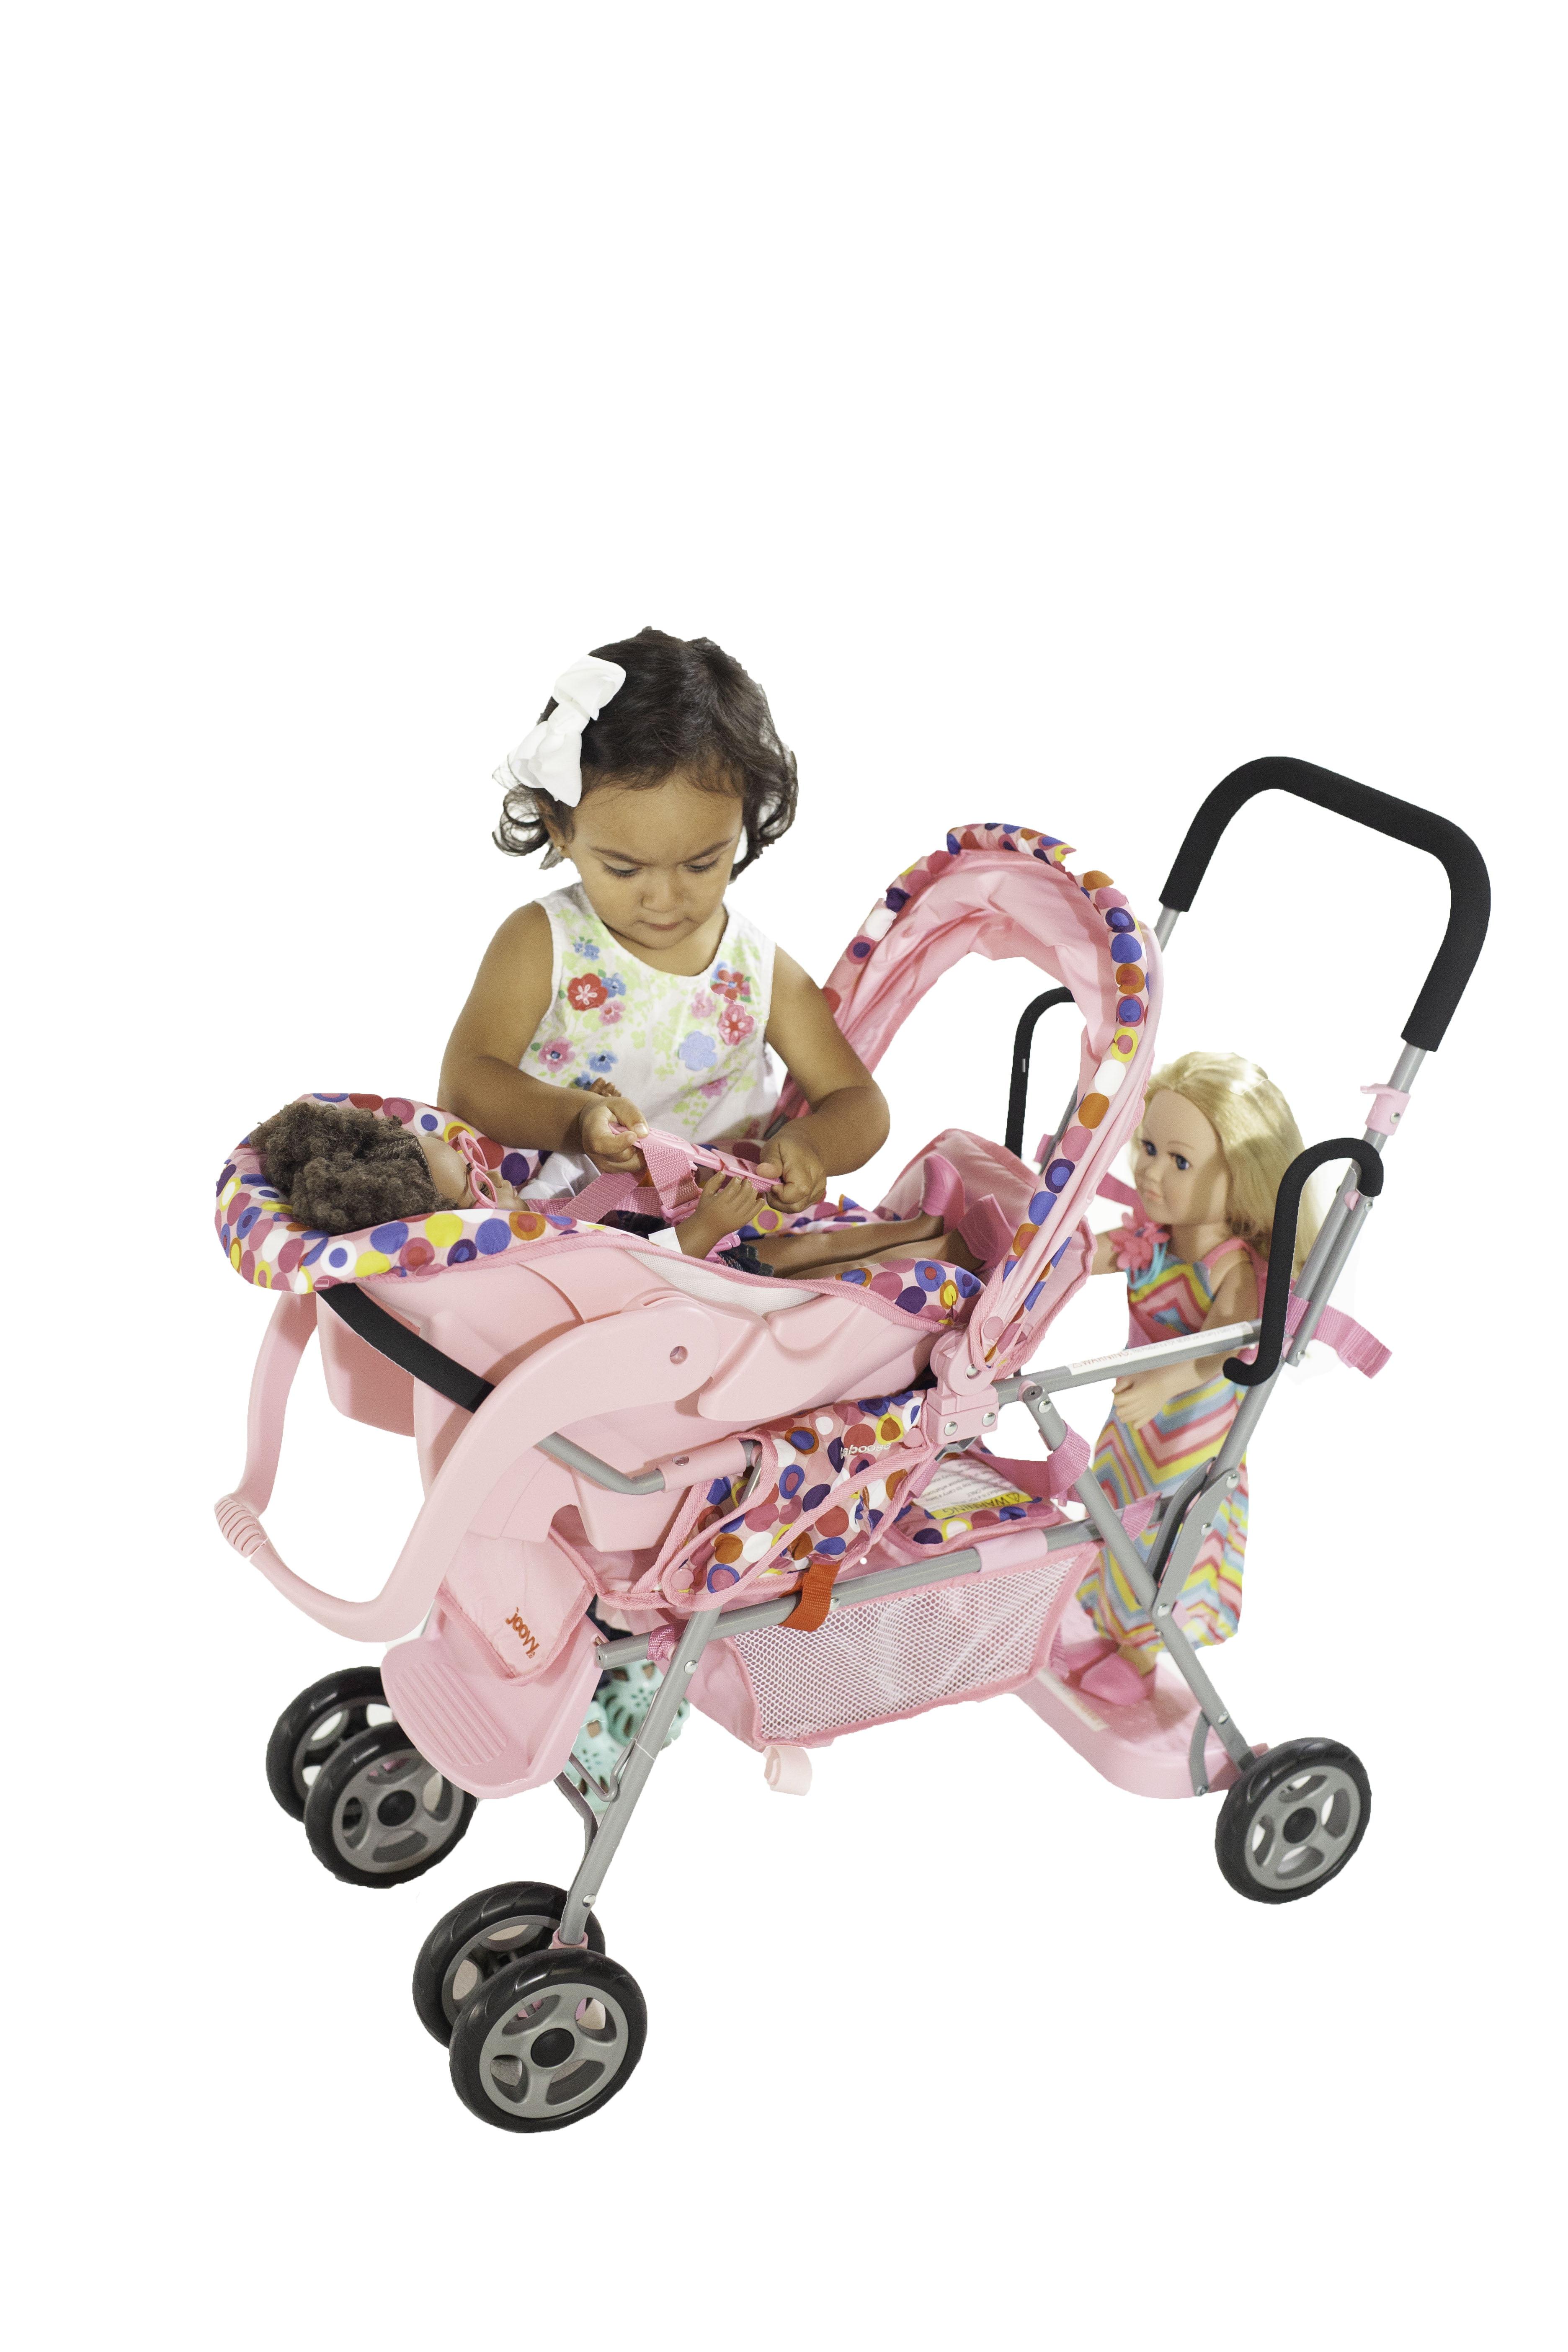 e332b91a9 Joovy Toy Car Seat Baby Doll Accessory